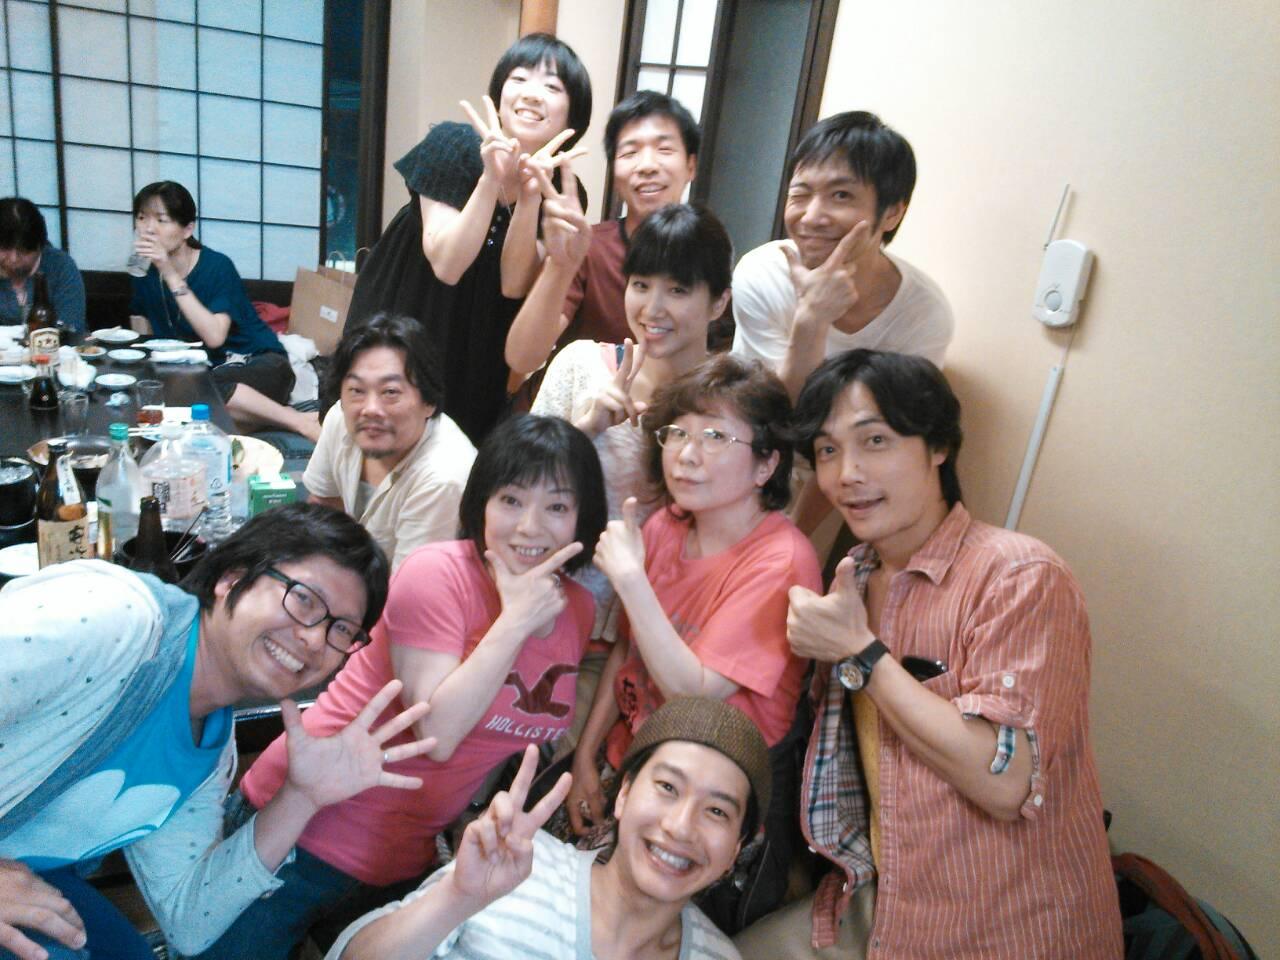 しゅうくりー夢_a0163623_16679.jpg